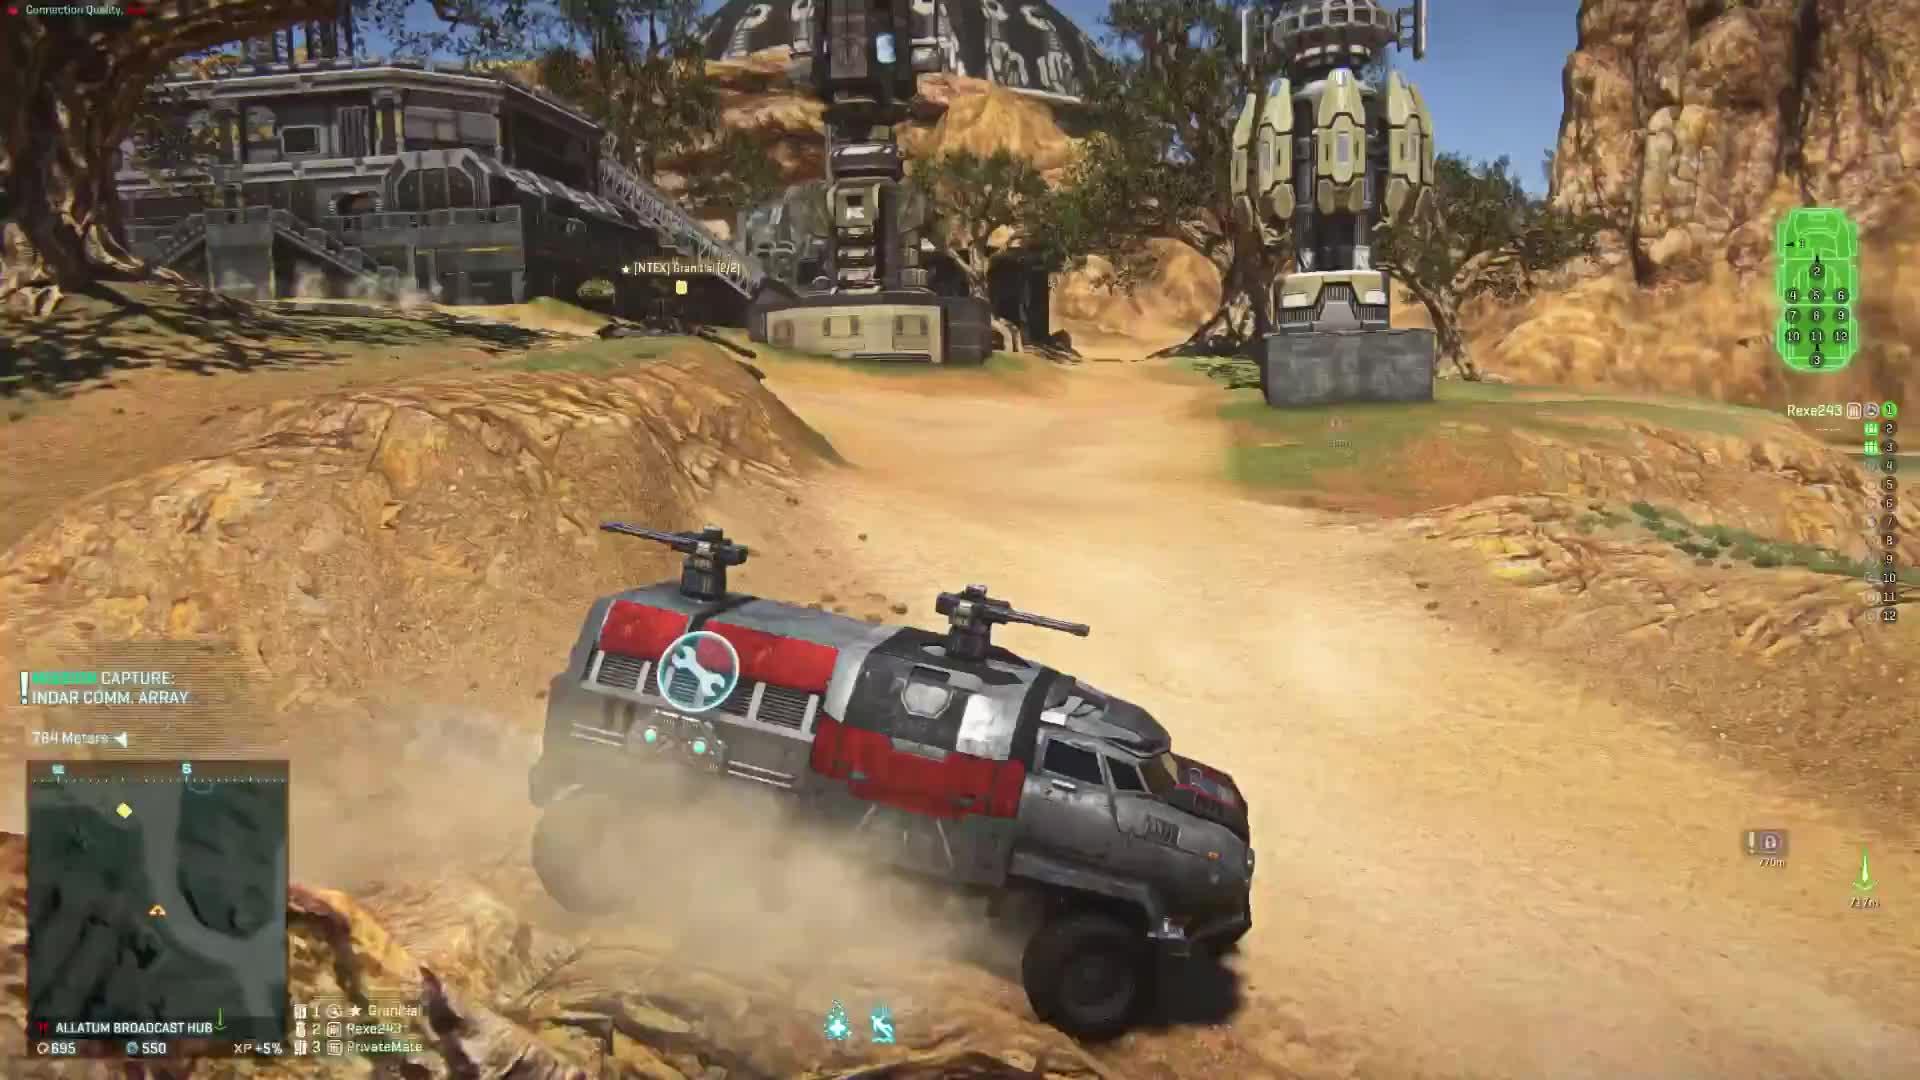 Entex, Gaming, Granitial, Planetside, Planetside 2, Prowler, Rexe243, Yeeting Tank, Yeeting Tank - Planetside 2 GIFs